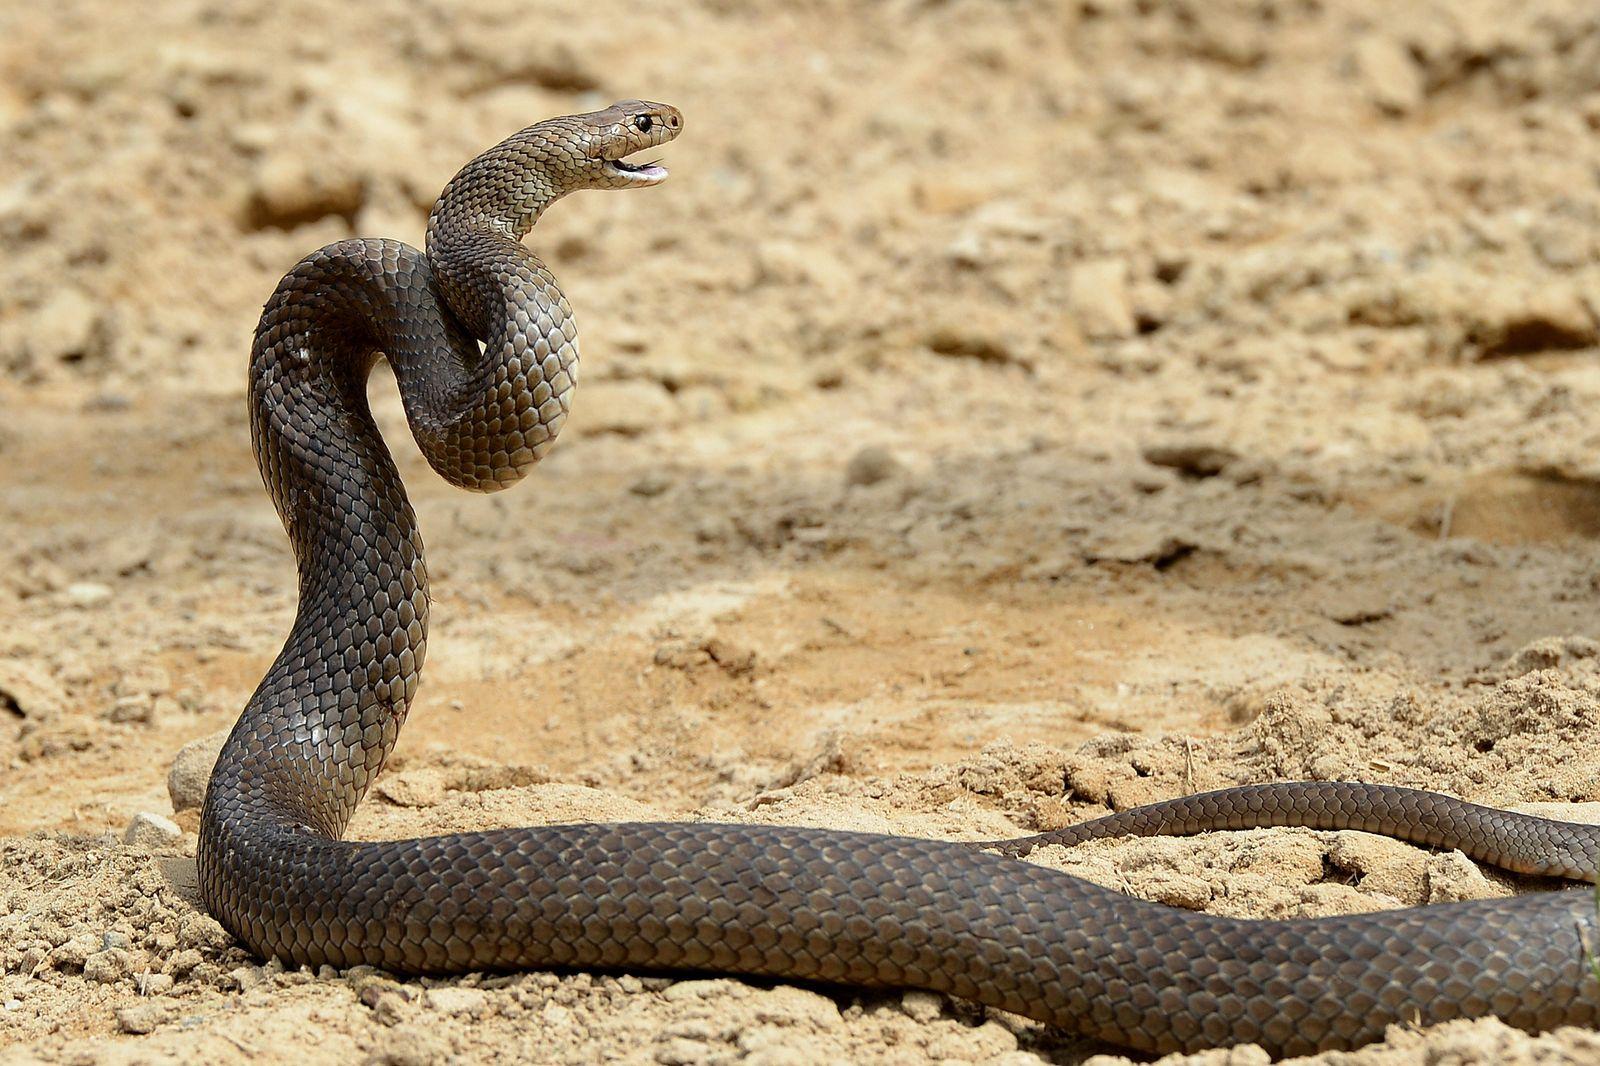 Braunschlange / Australien / Brown snake